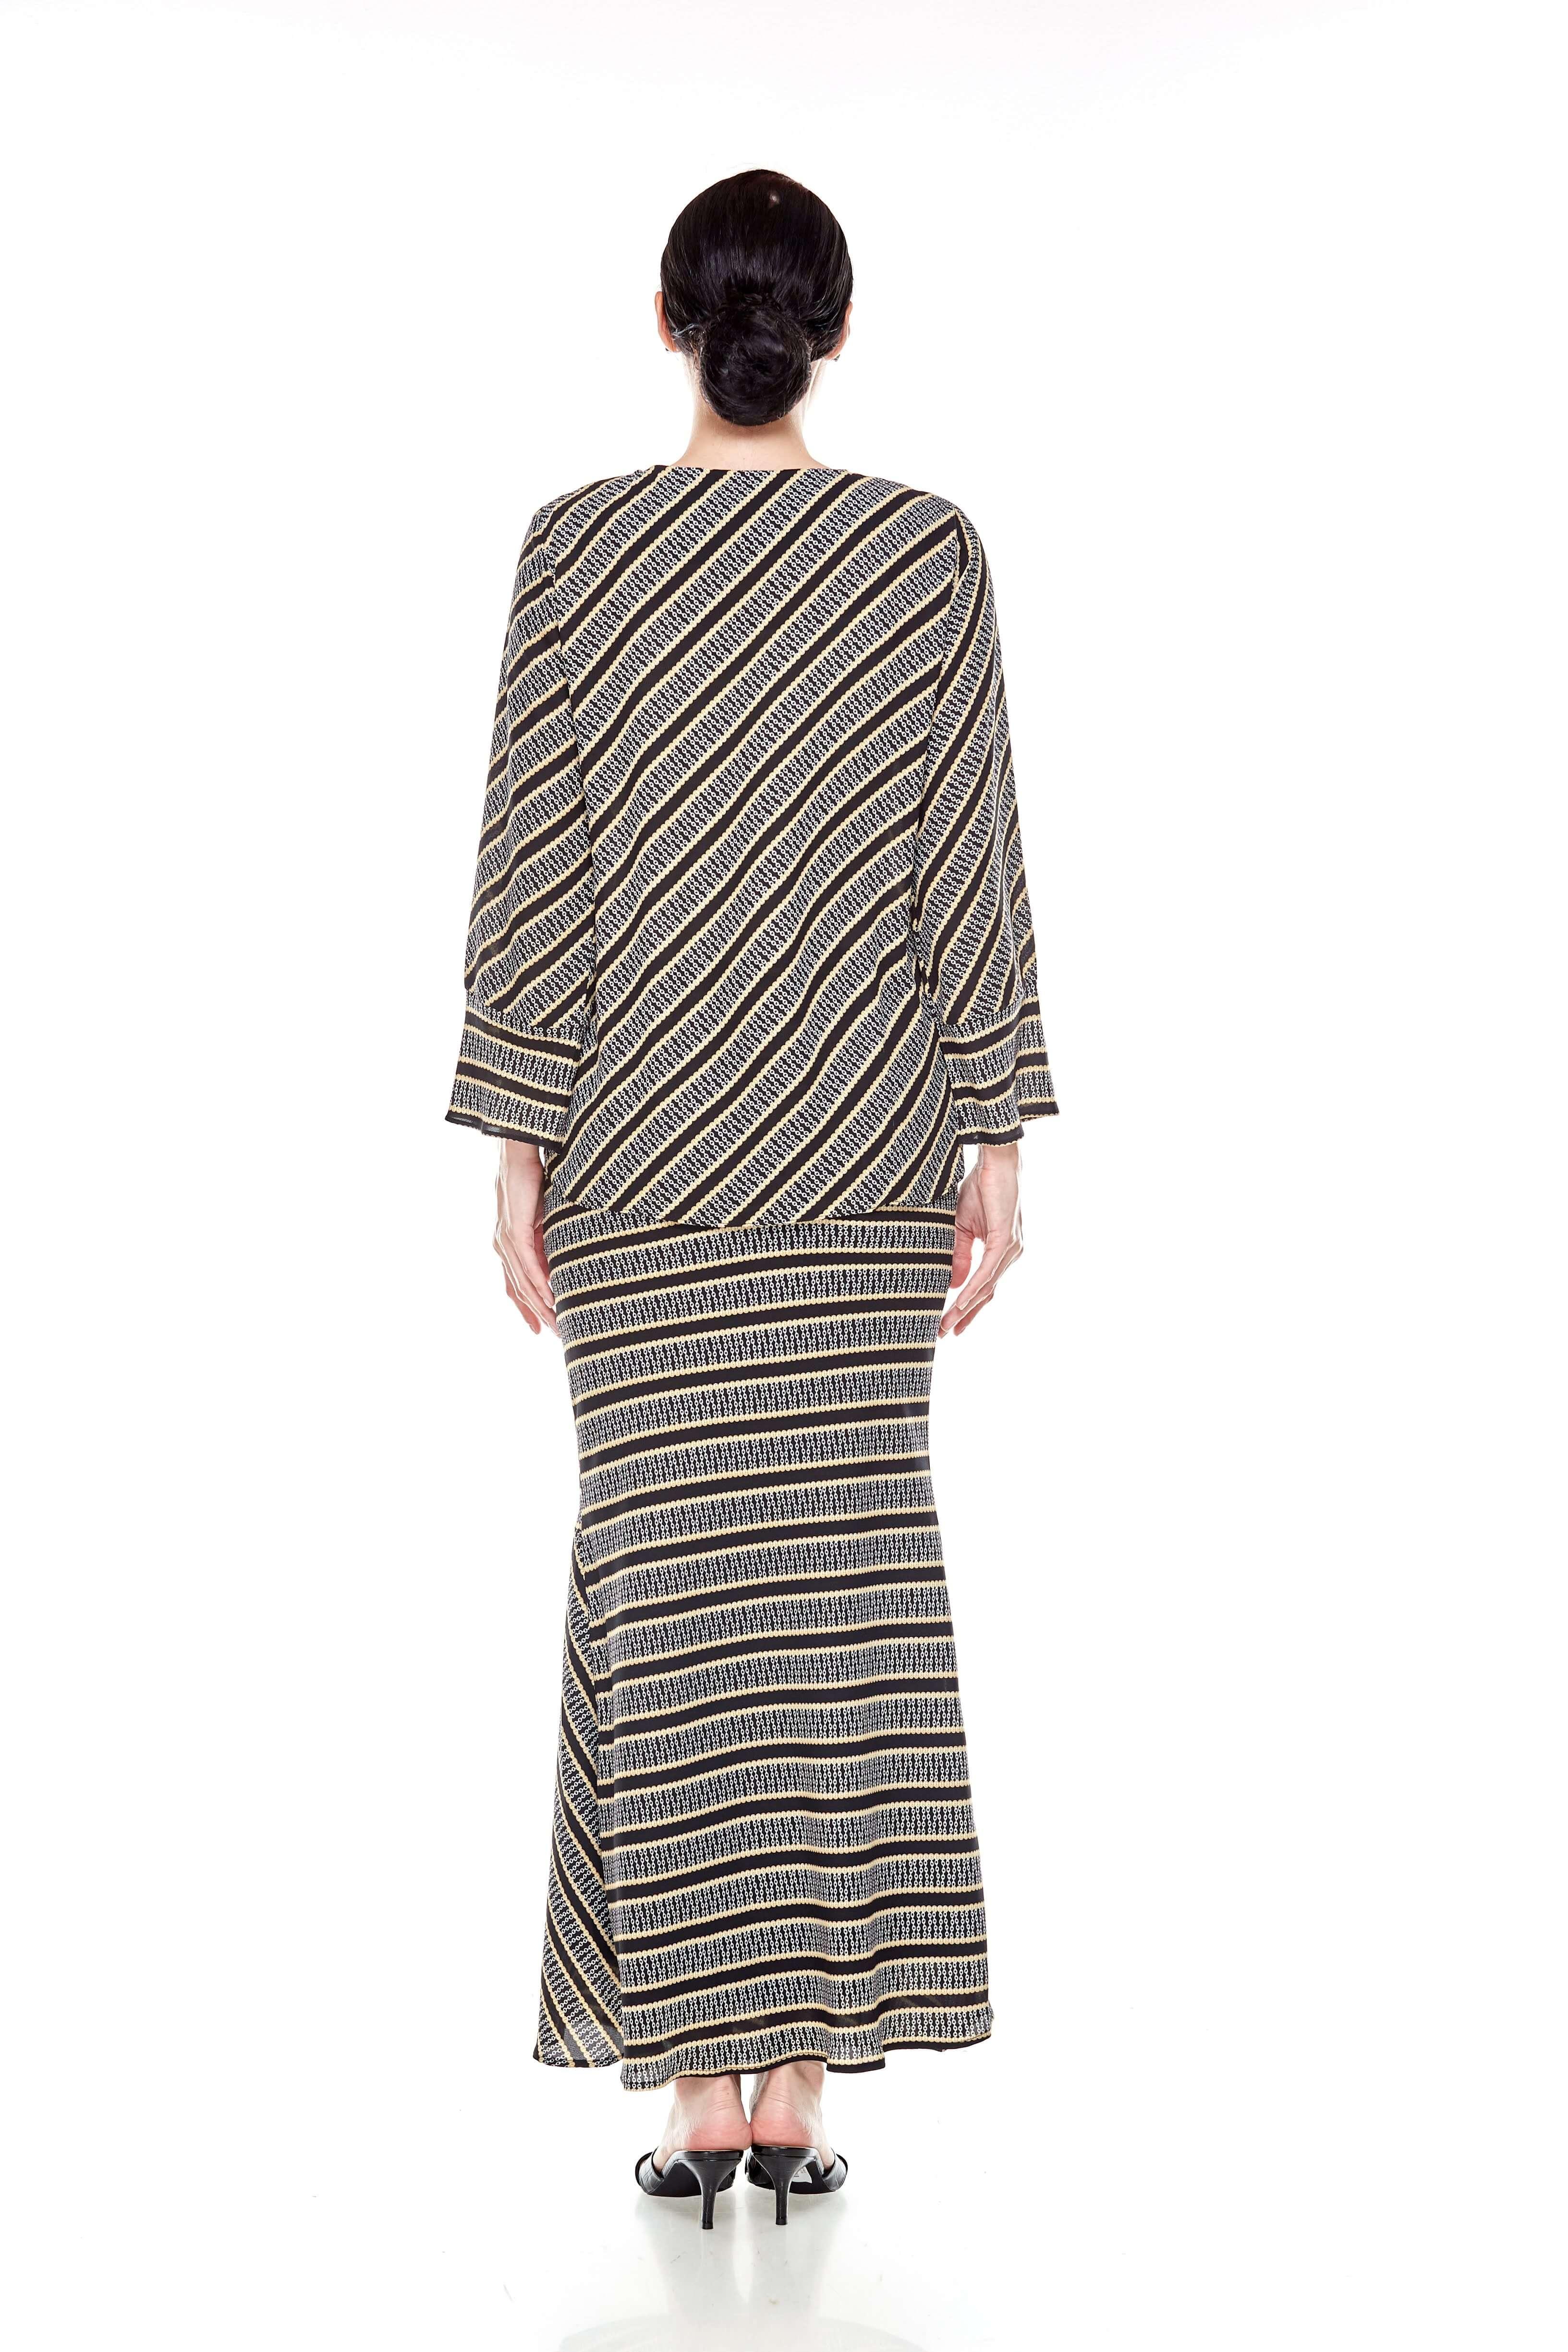 Black Striped Blouse (7)